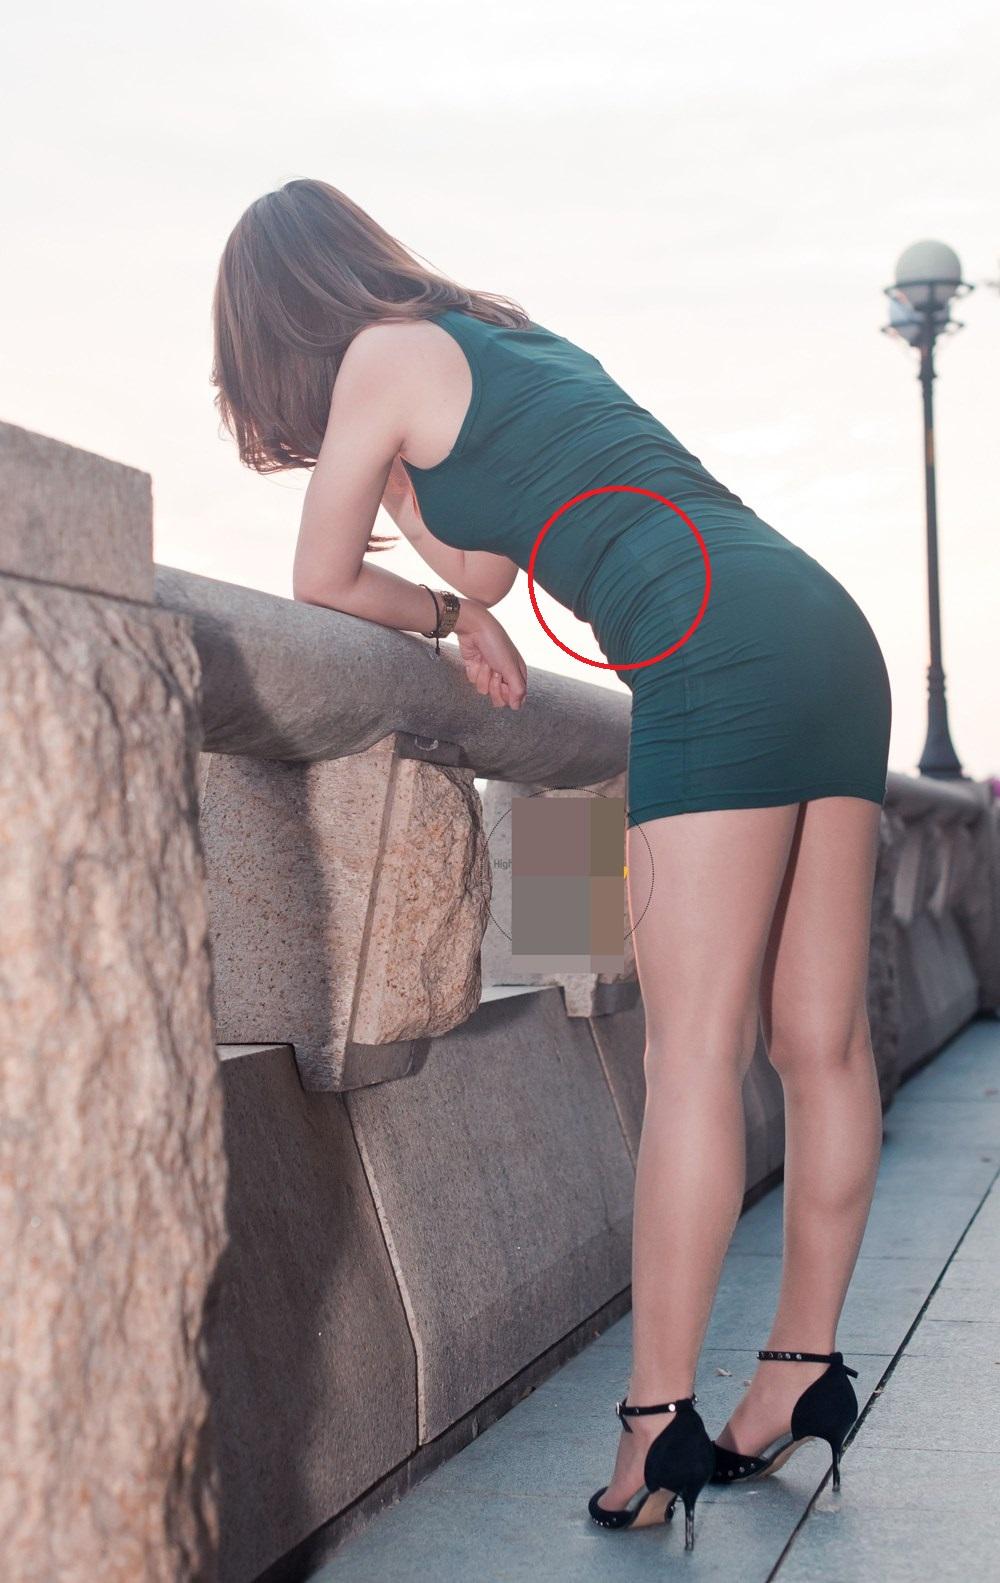 Mặc váy tôn đường cong không khéo, phái đẹp bị tố cáo người dáng hình vuông - 3